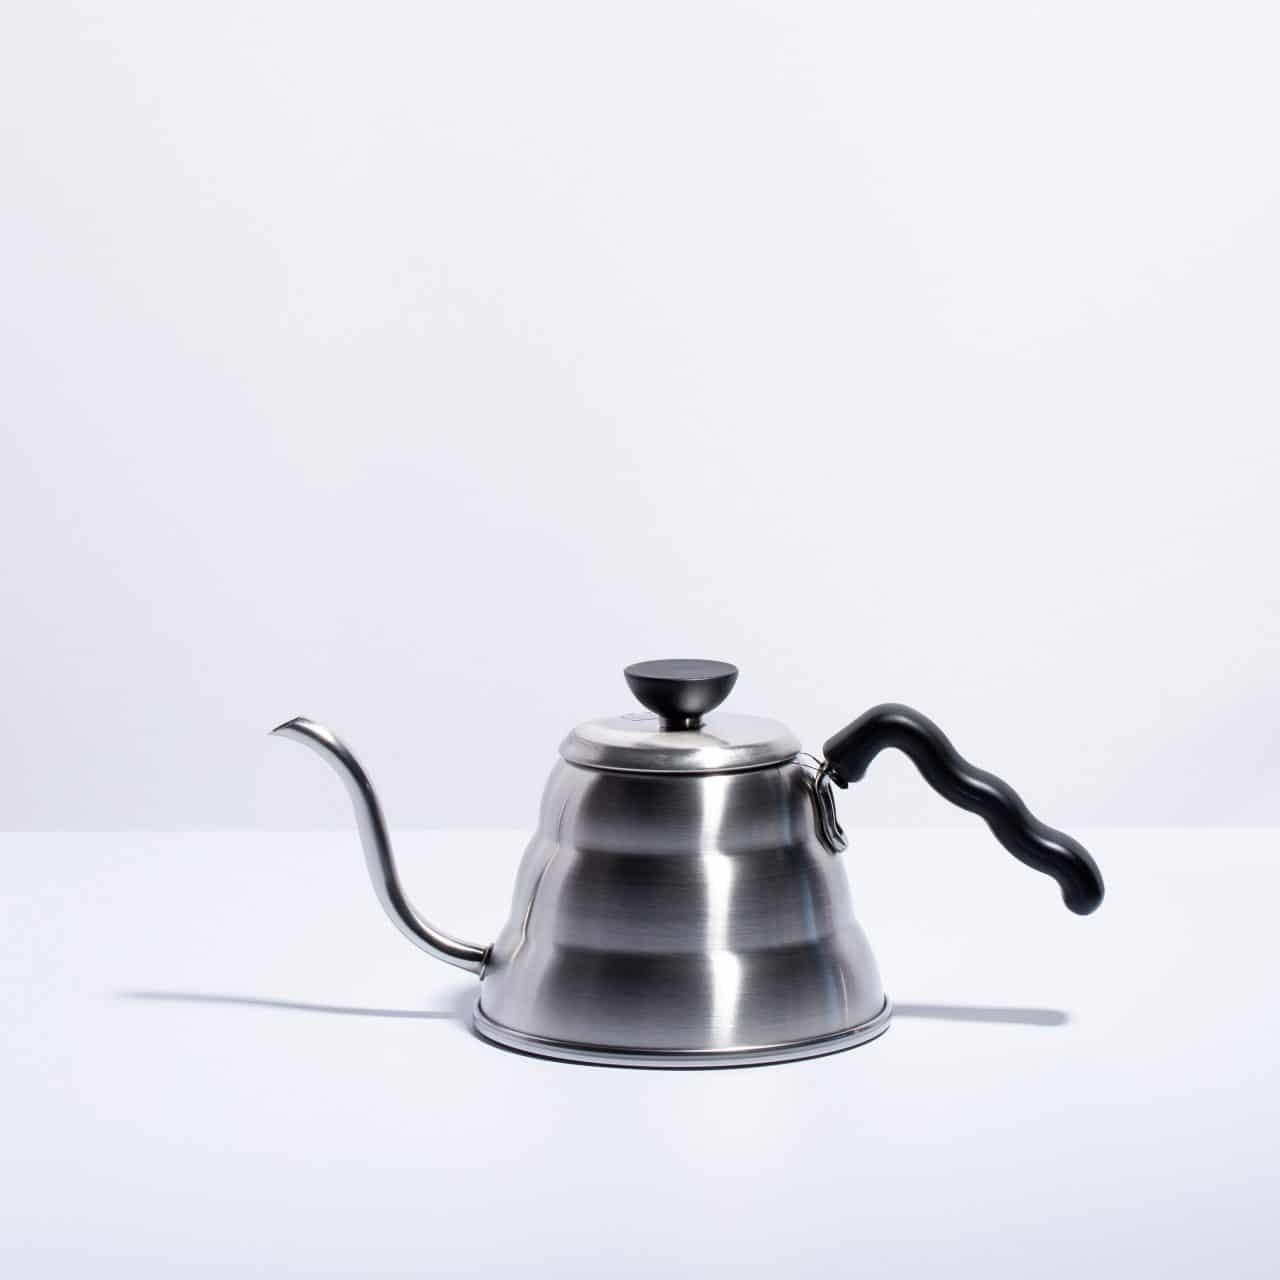 silver hario kettle